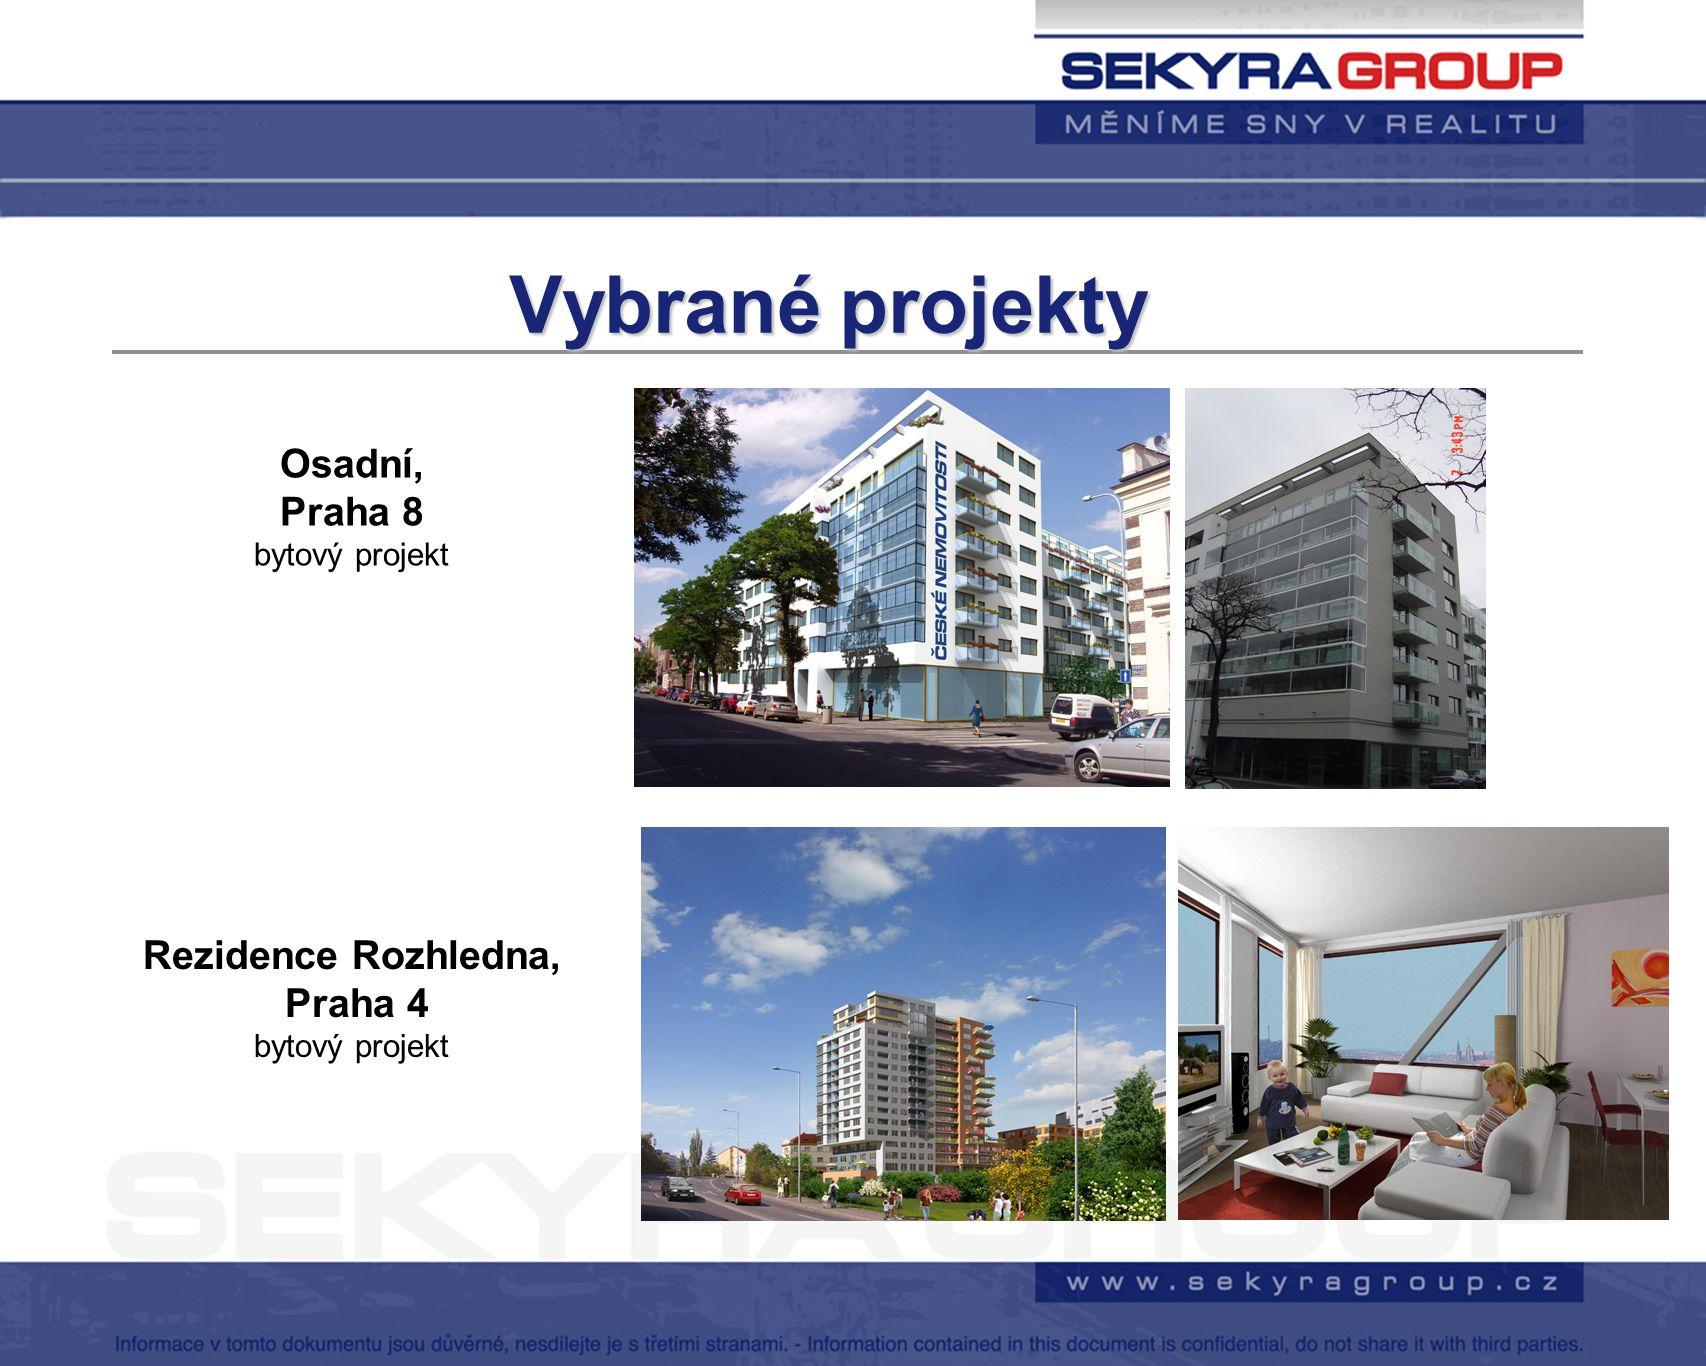 Vybranéprojekty Vybrané projekty Rezidence Rozhledna, Praha 4 bytový projekt Osadní, Praha 8 bytový projekt